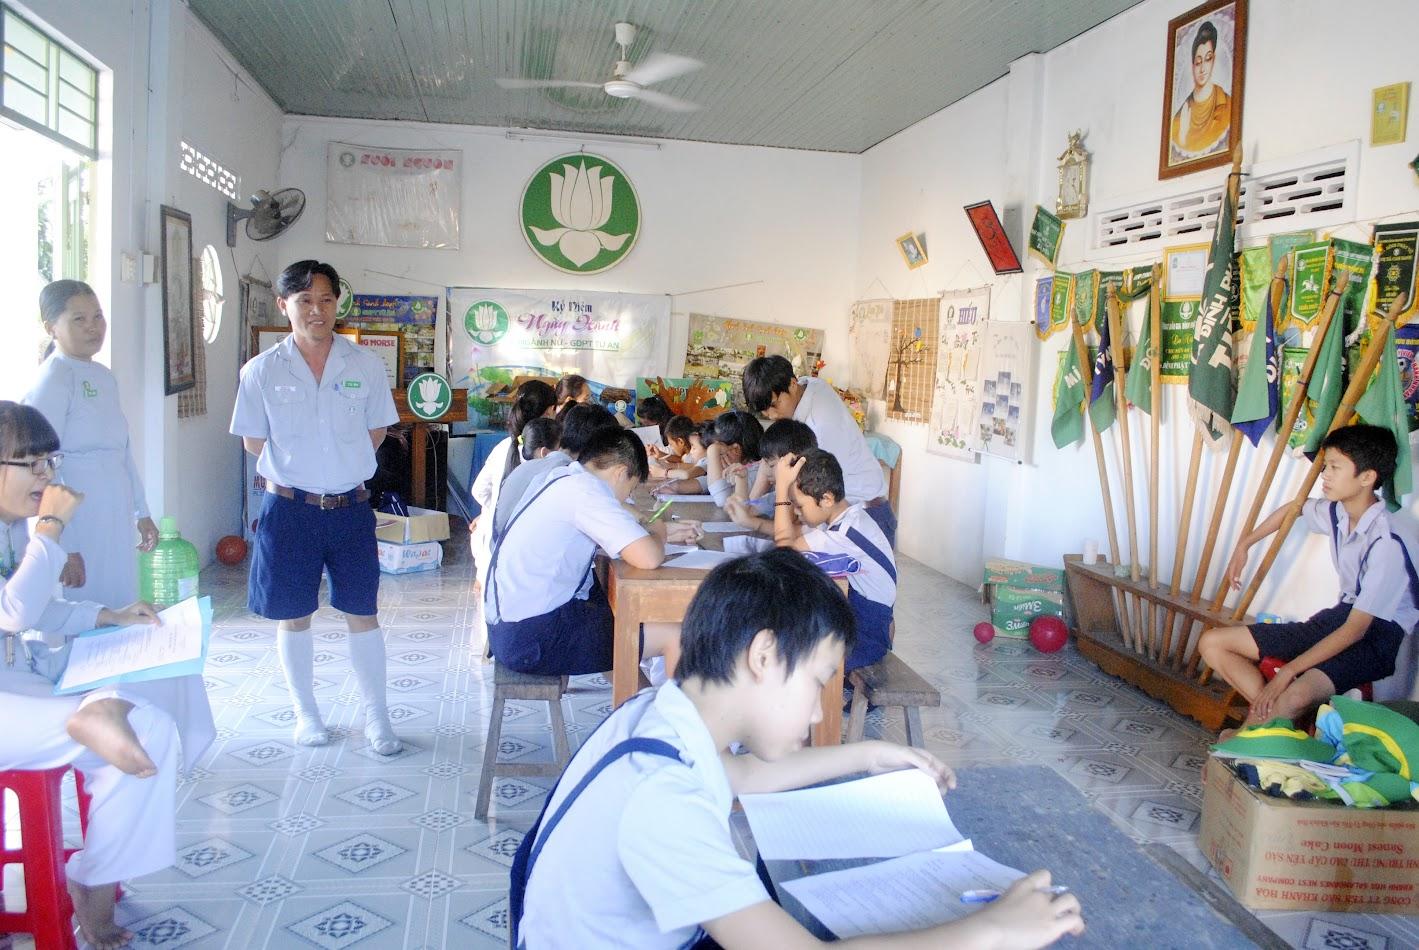 GĐPT Từ Ân tổ chức thi kết khóa Bậc học năm 2016